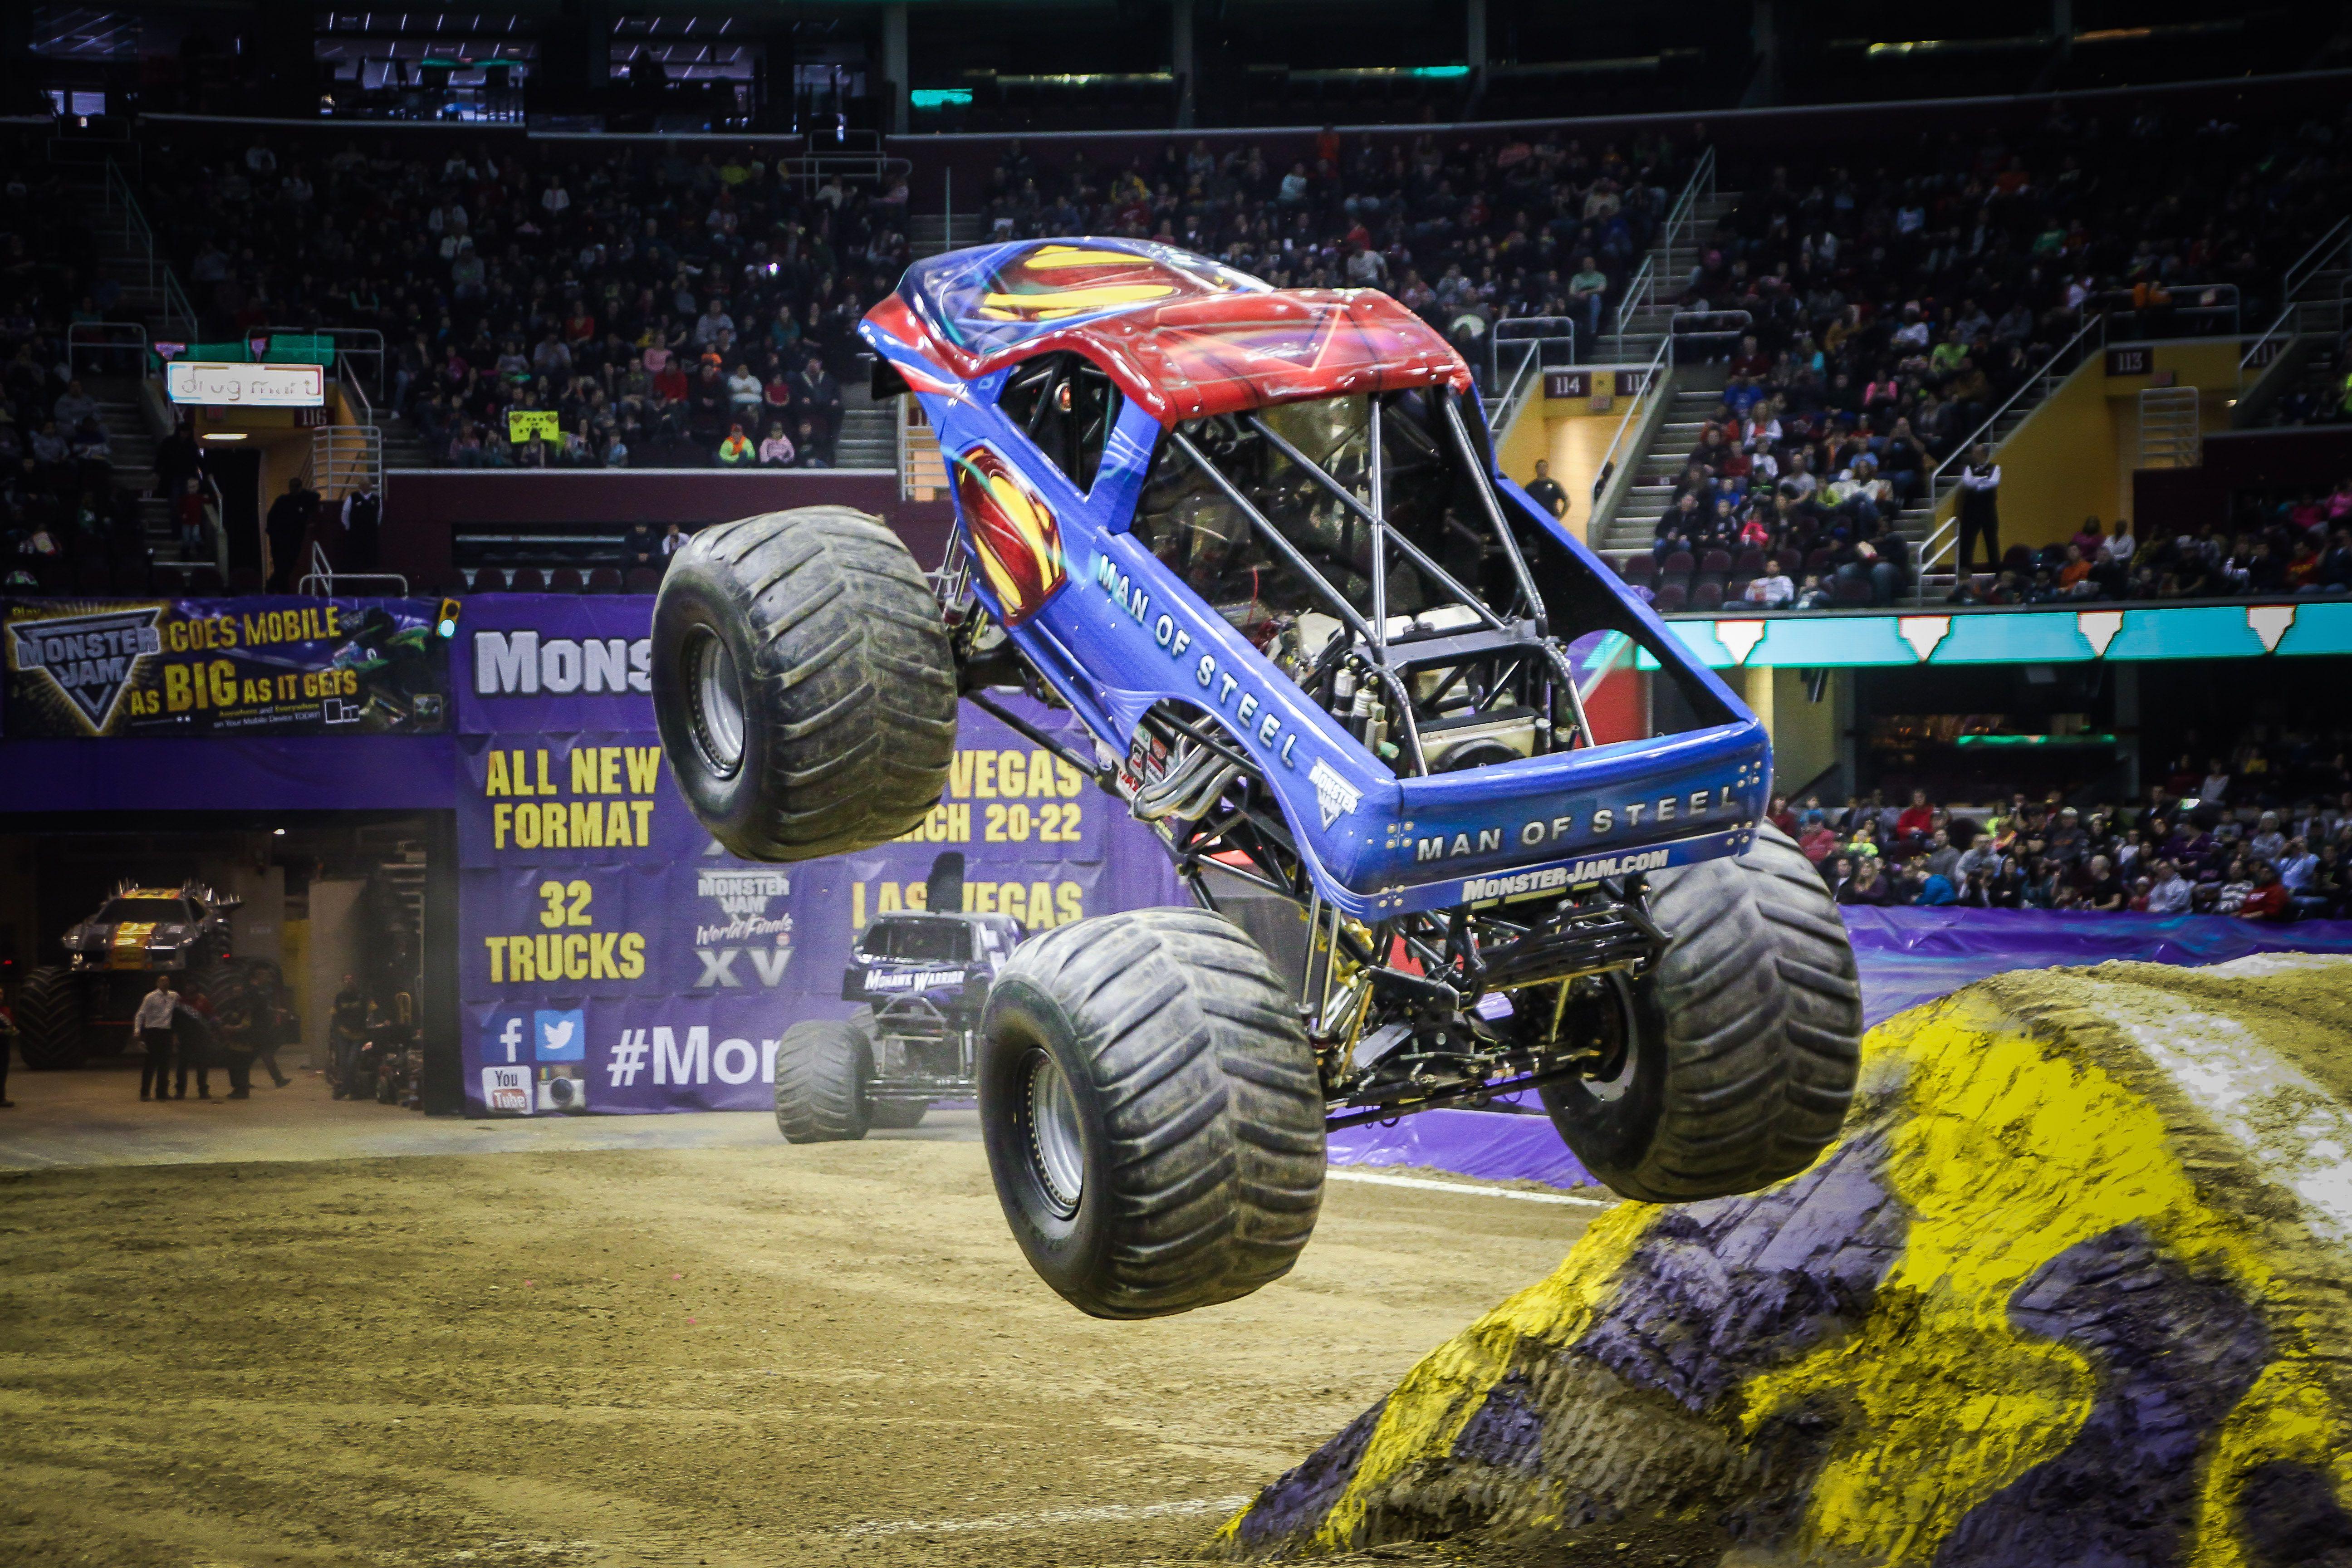 F£s de Monster Trucks podem ver apresenta§µes ao vivo